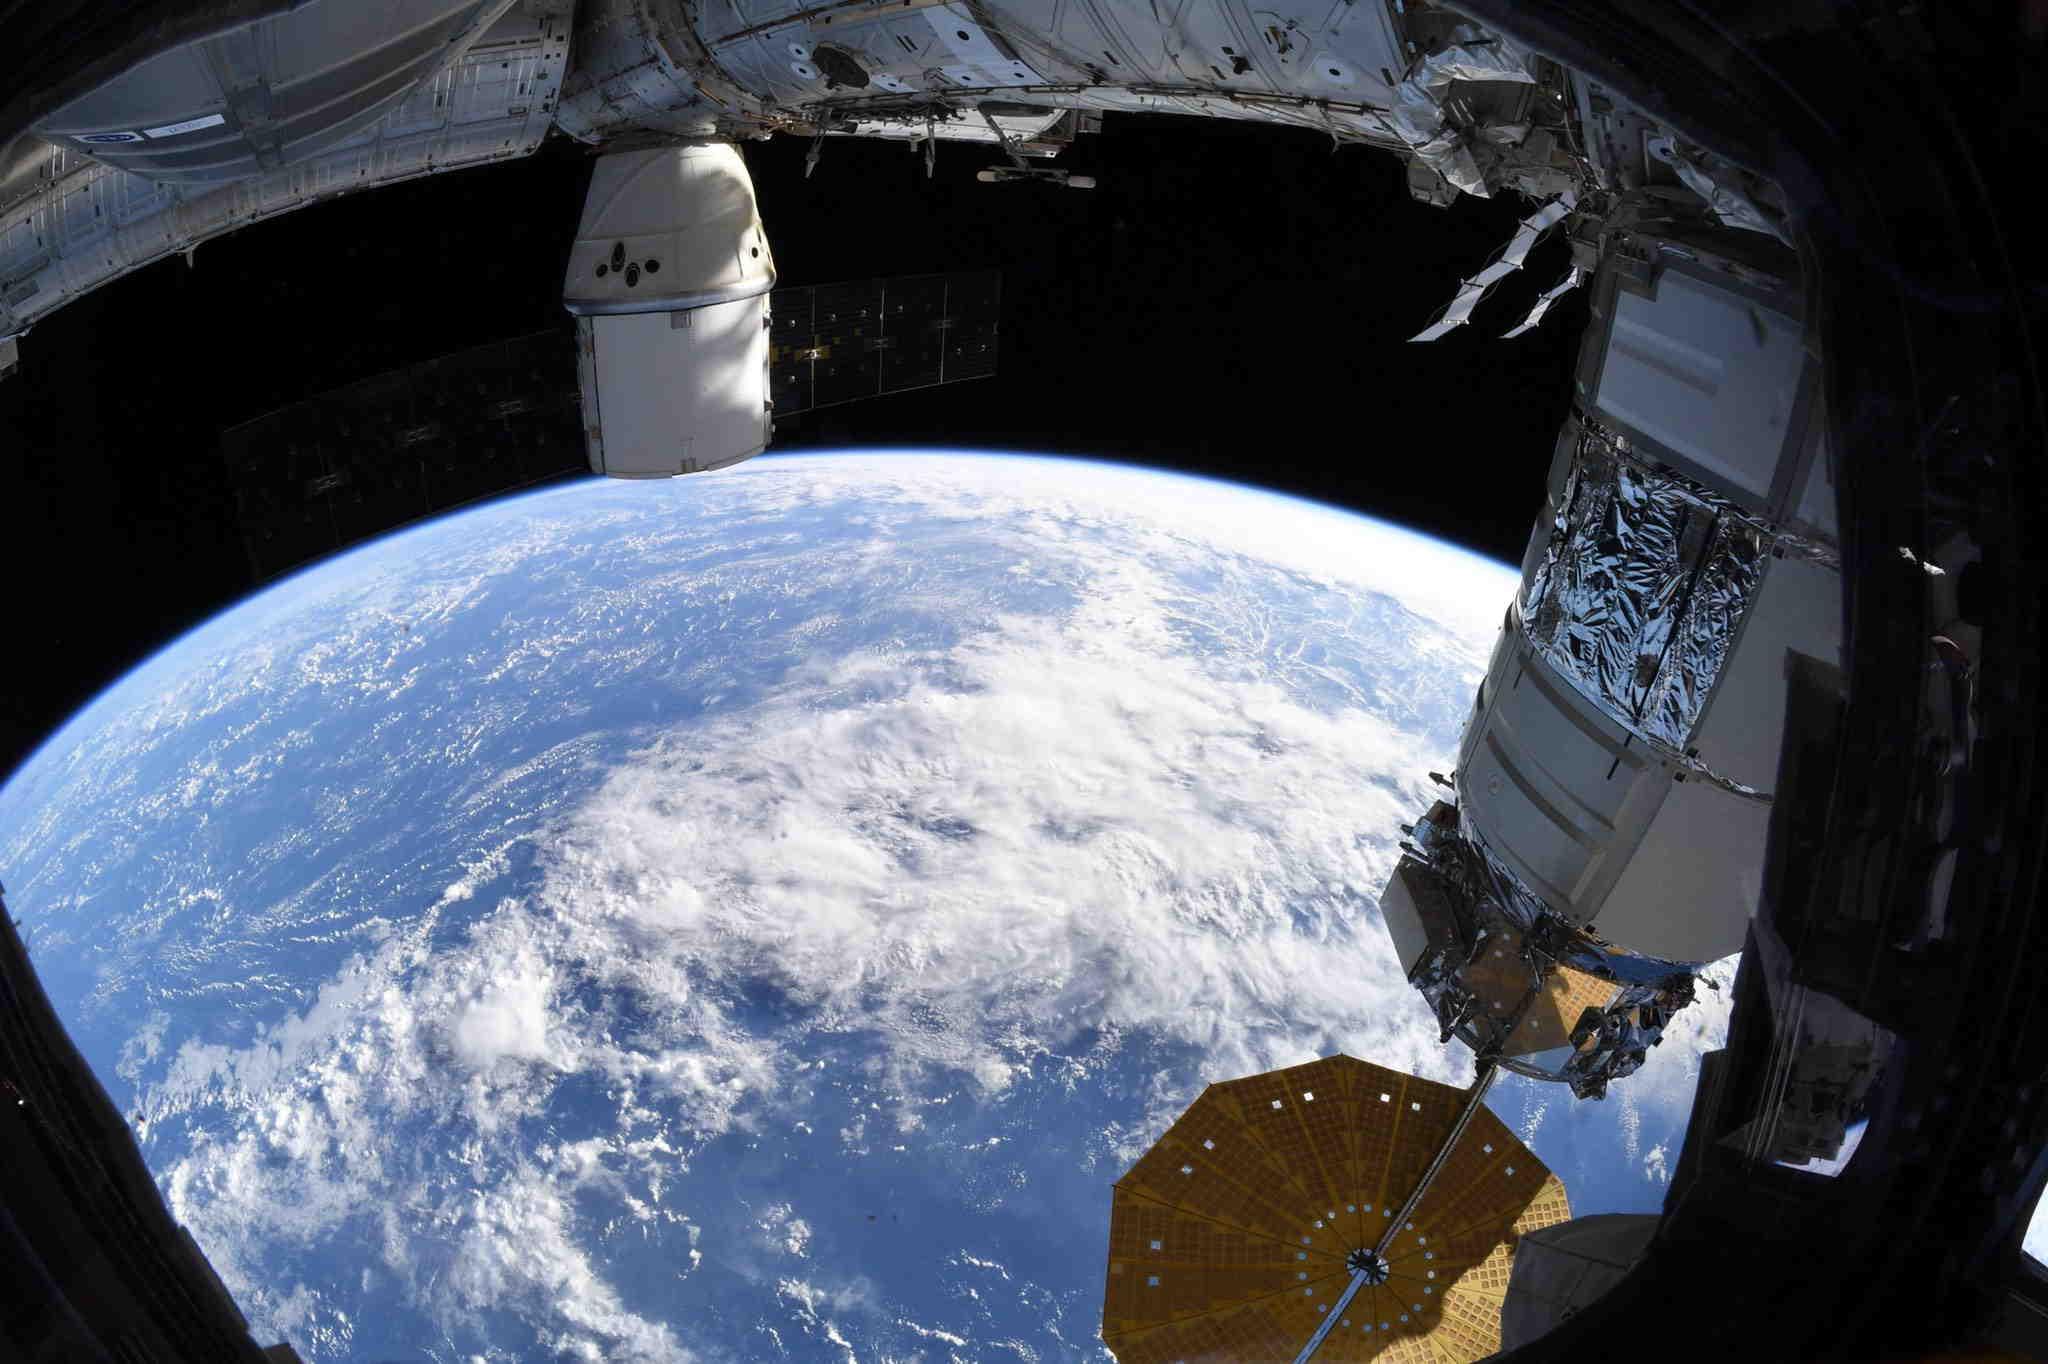 фото земли из космоса американским астронавтом материал для корпуса